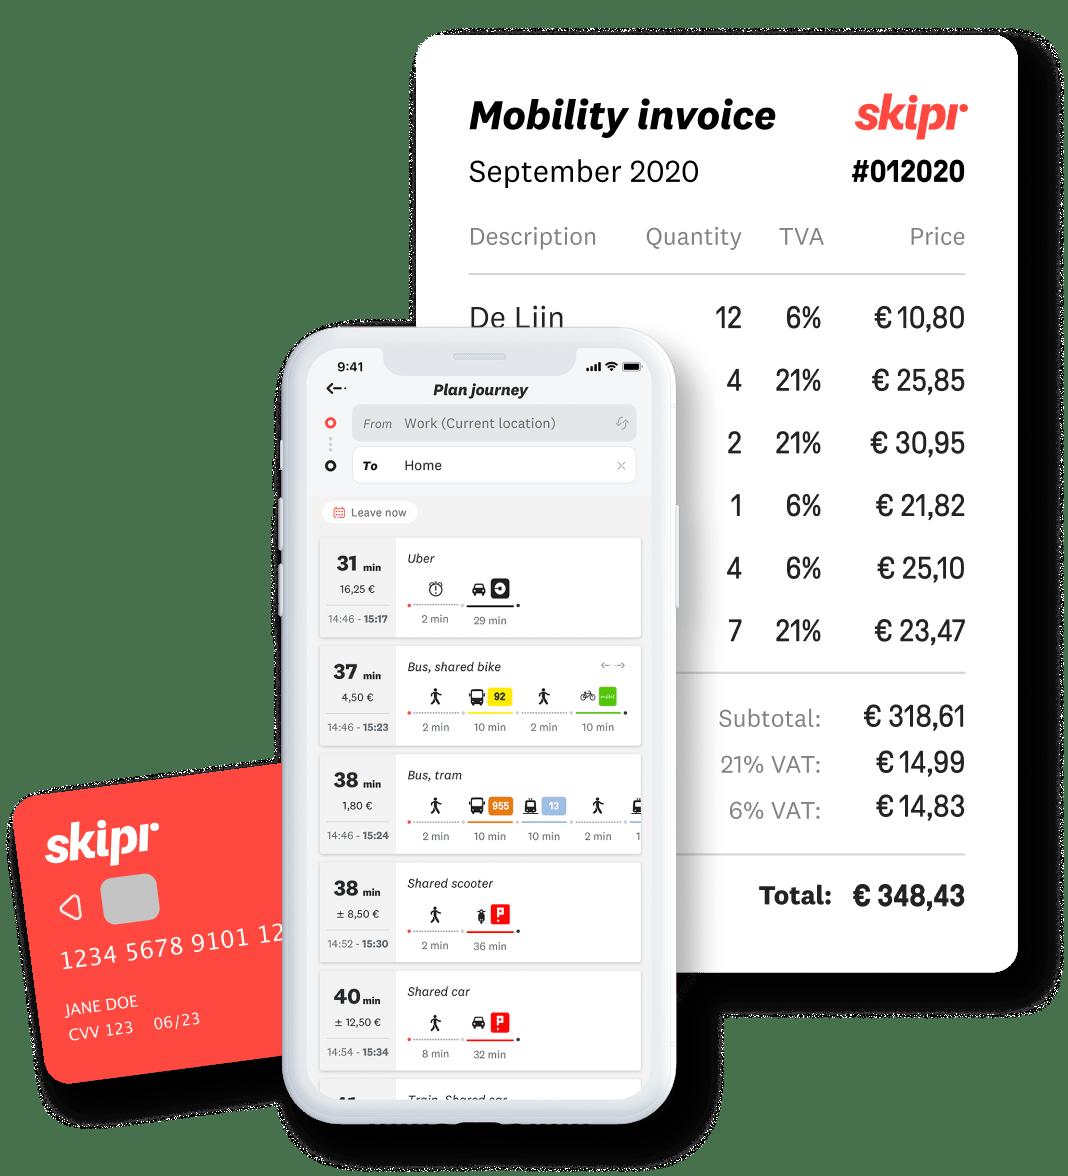 Une image montrant l'offre complète de Skipr.